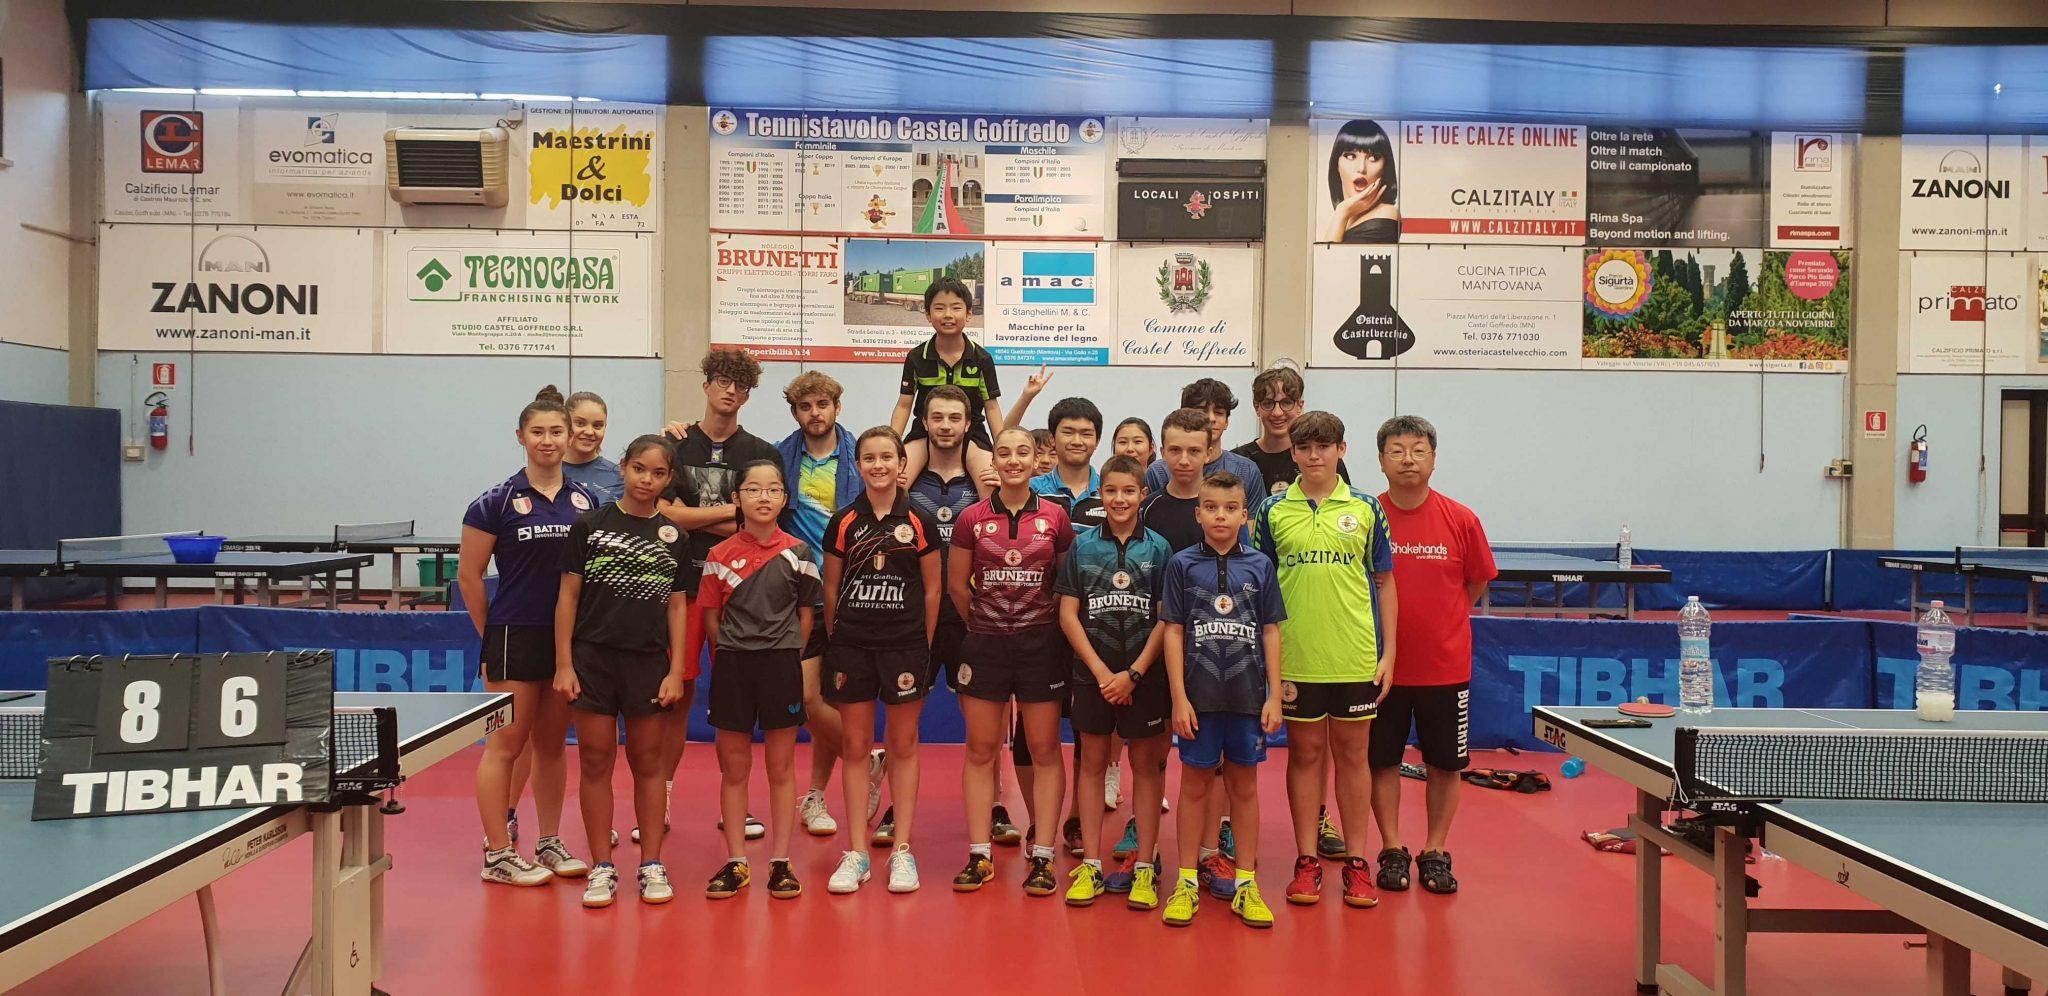 ヨーロッパチャンピオンズ女子優勝の歴史のあるカステル・ゴフォレッドでの練習